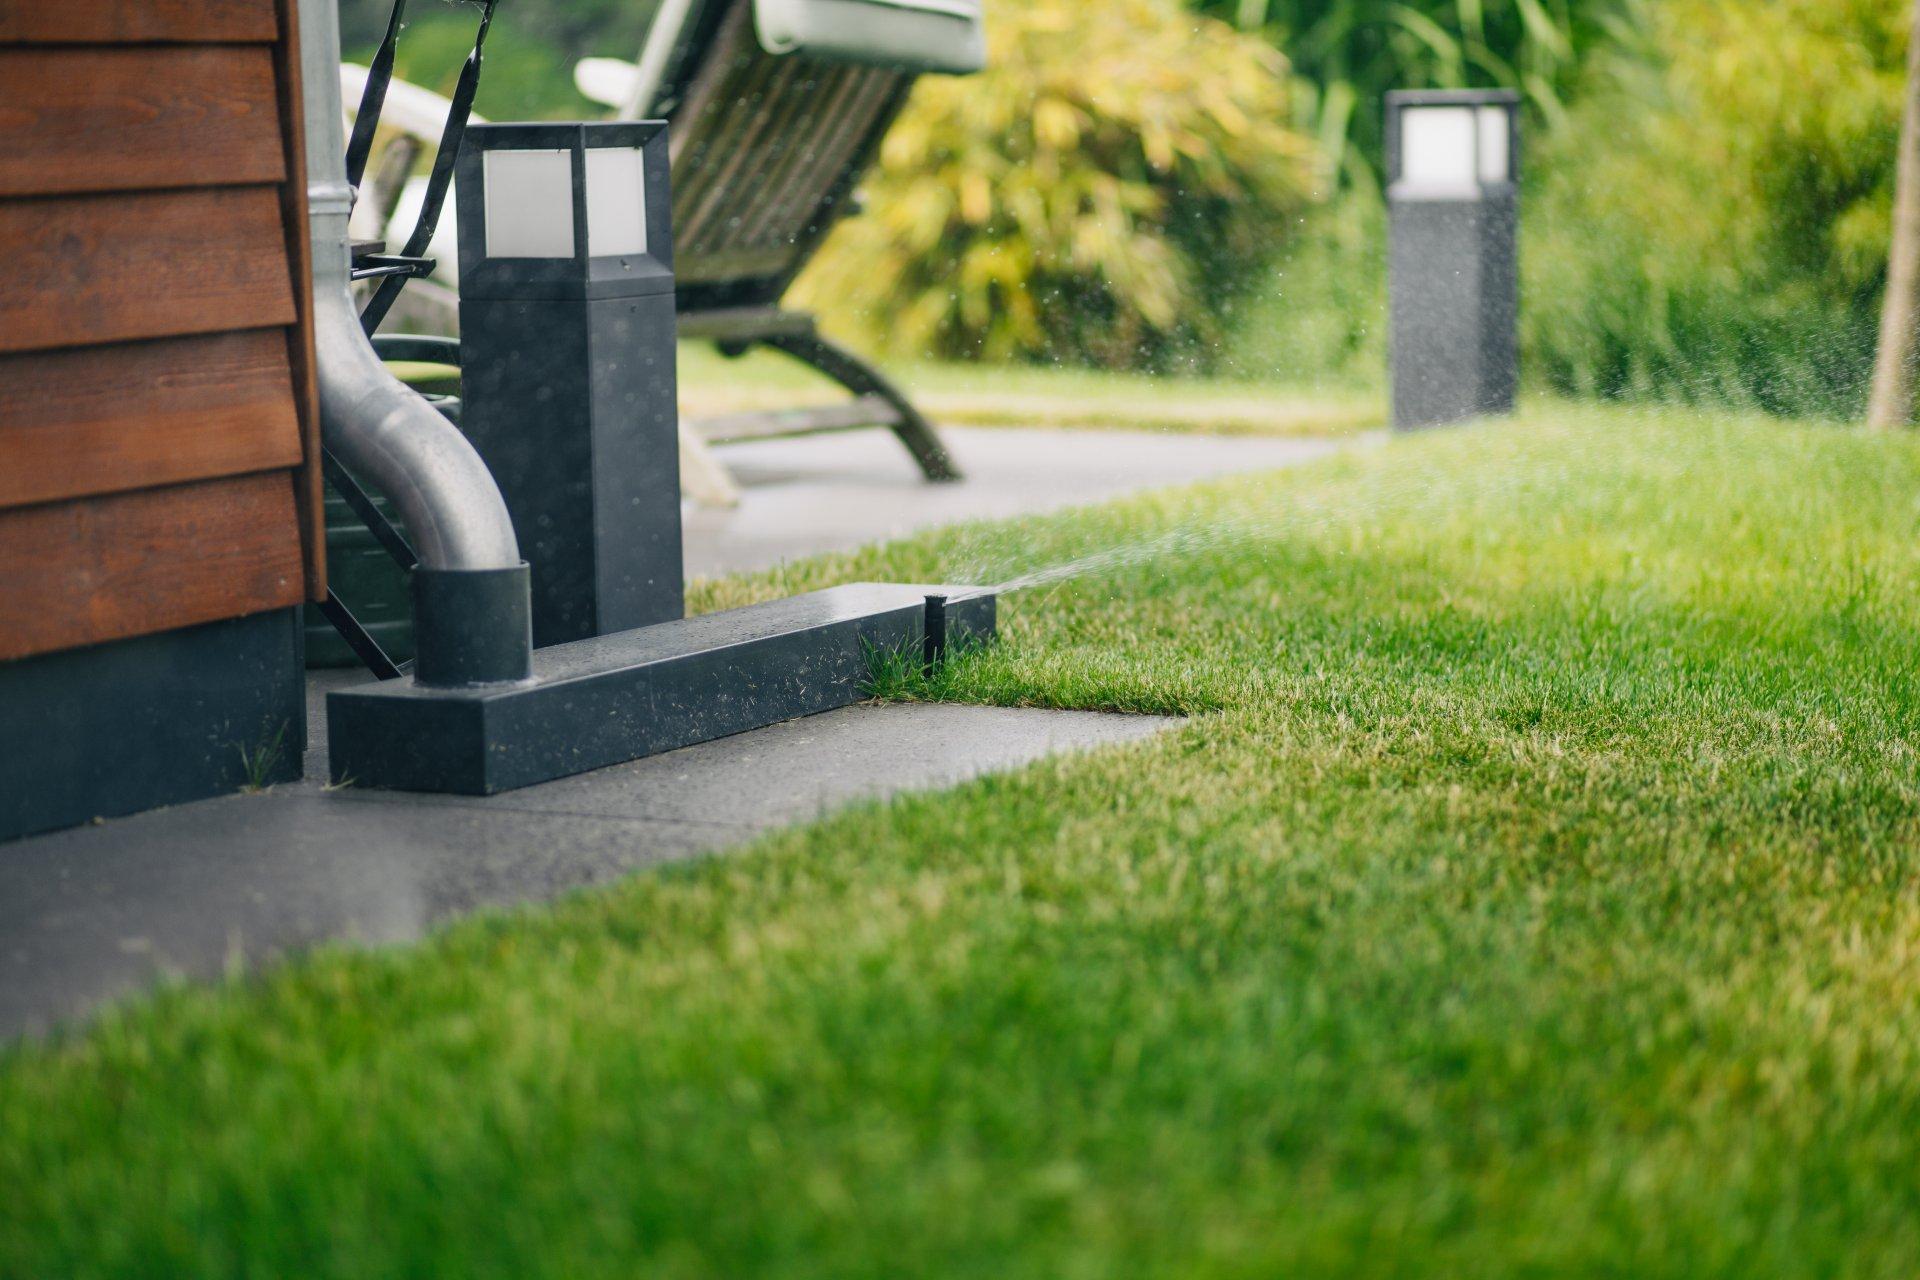 Full Size of Garten Trennwand Pavillon Bewässerungssysteme Test Schaukel Versicherung Servierwagen Klettergerüst Sonnenschutz Mastleuchten Bewässerung Automatisch Garten Garten Bewässerung Automatisch